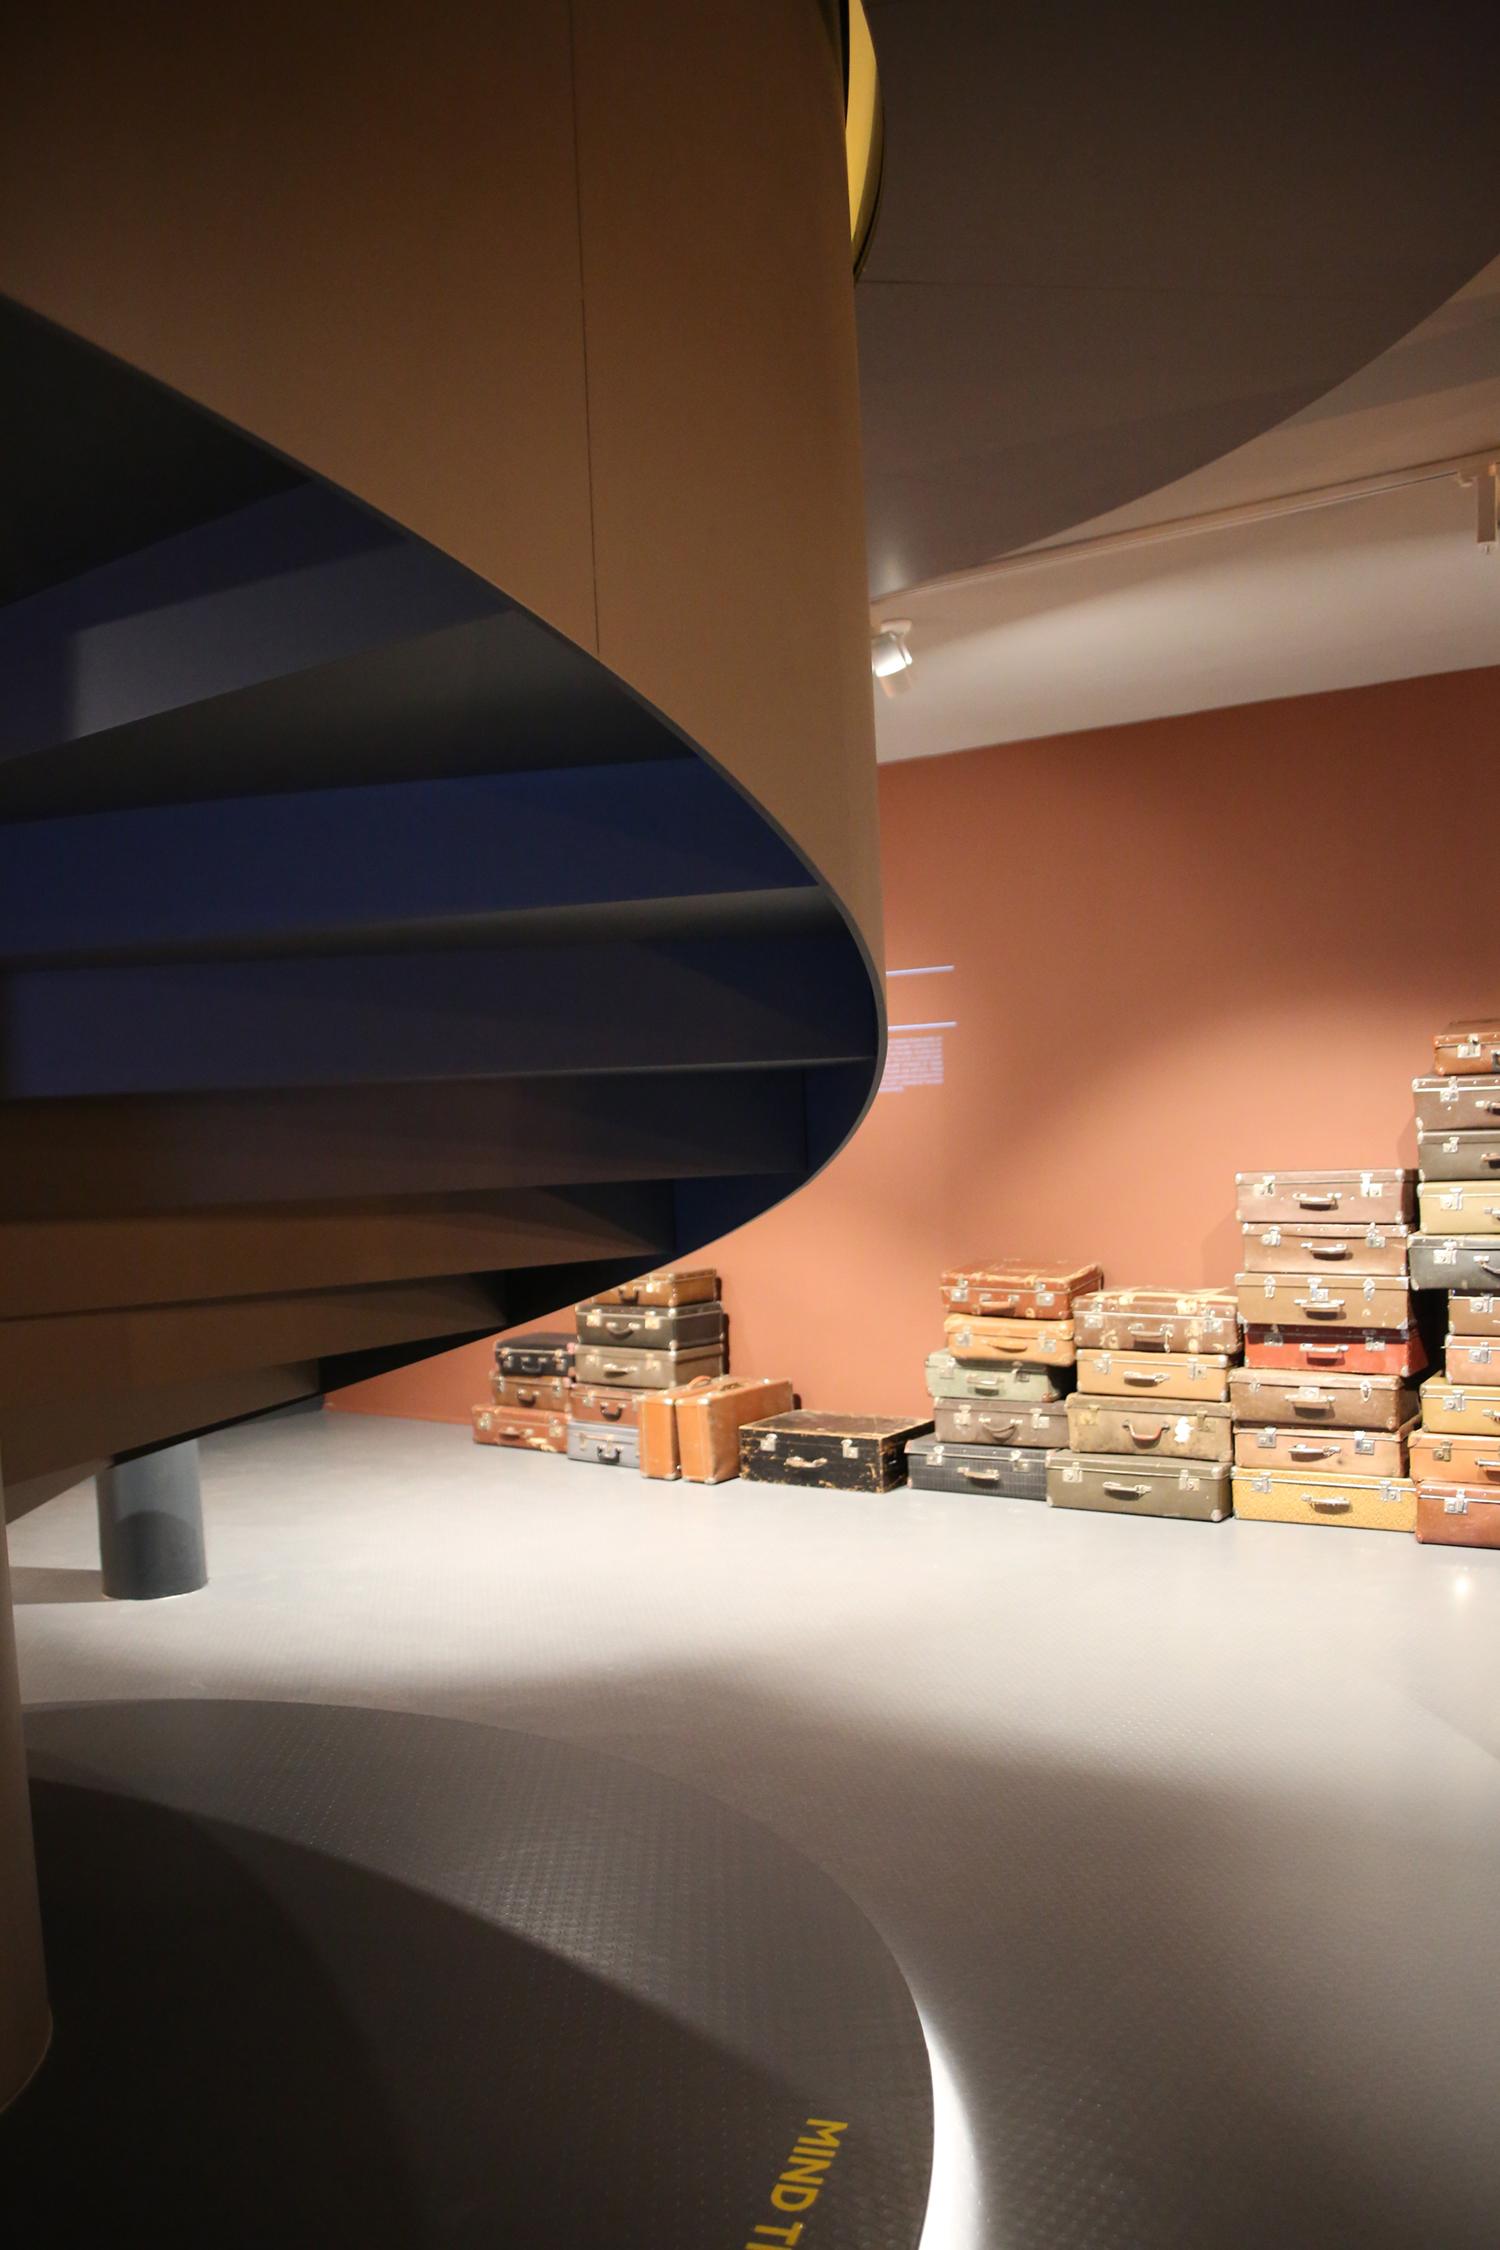 biennale architecture venise 2018 373.JPG